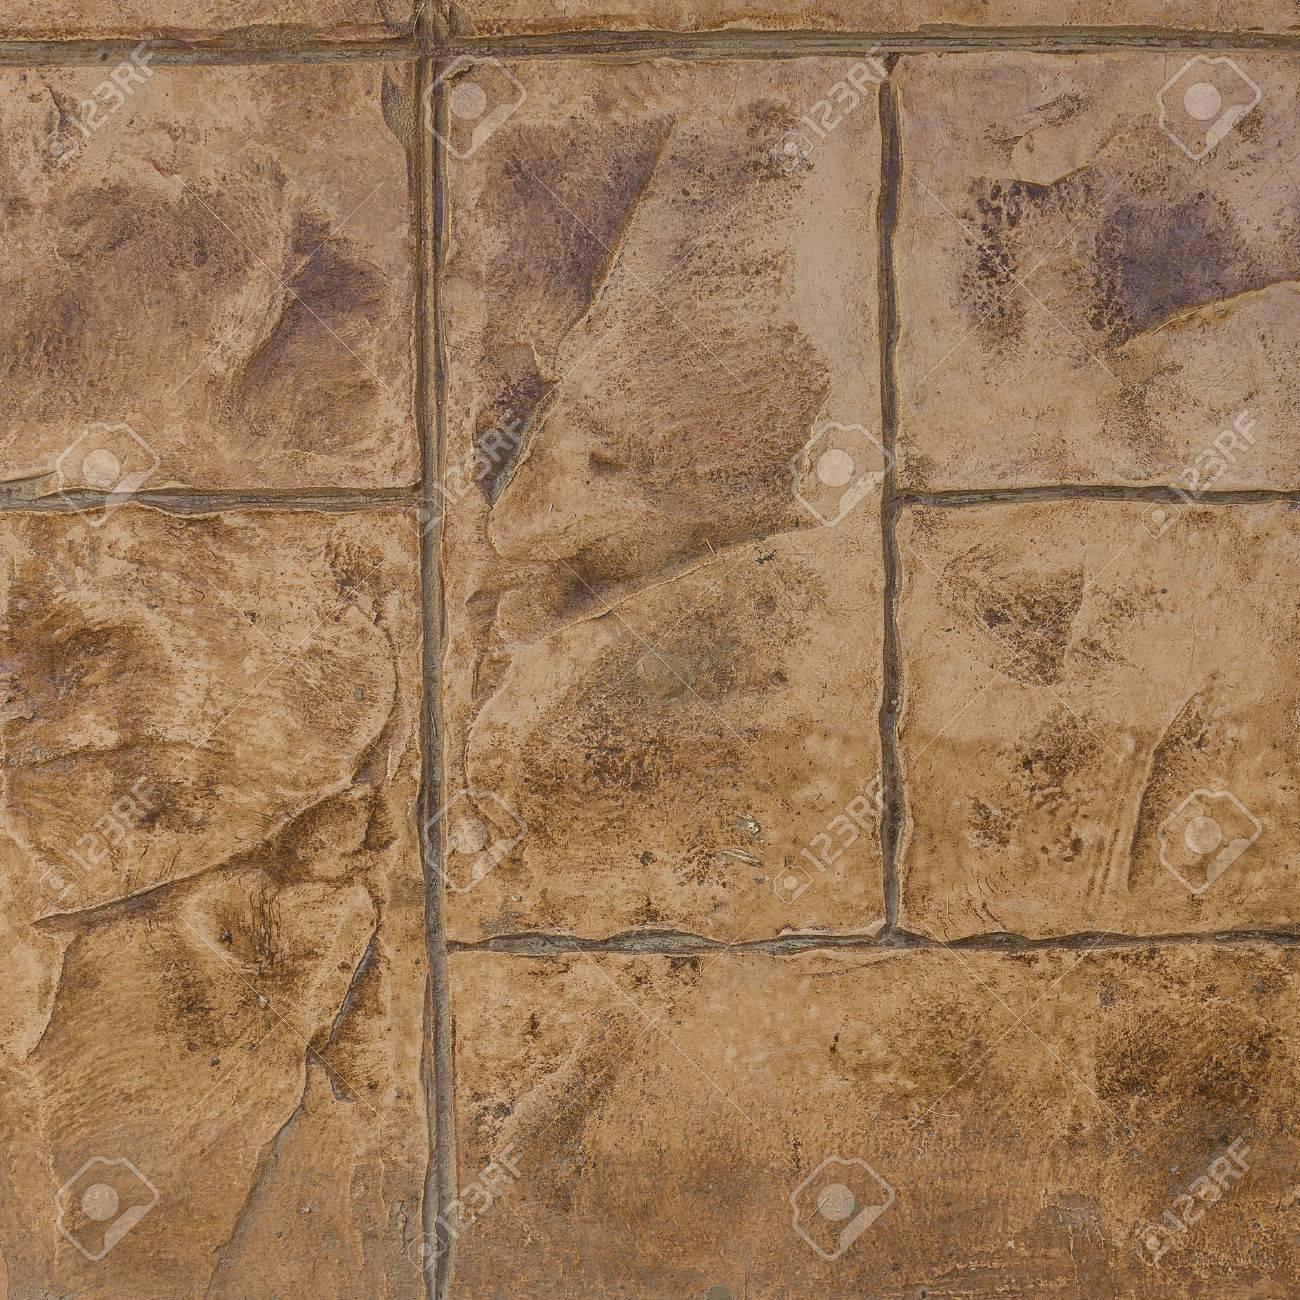 Betontempel Fur Aussen Muster Bodenbelag Lizenzfreie Fotos Bilder